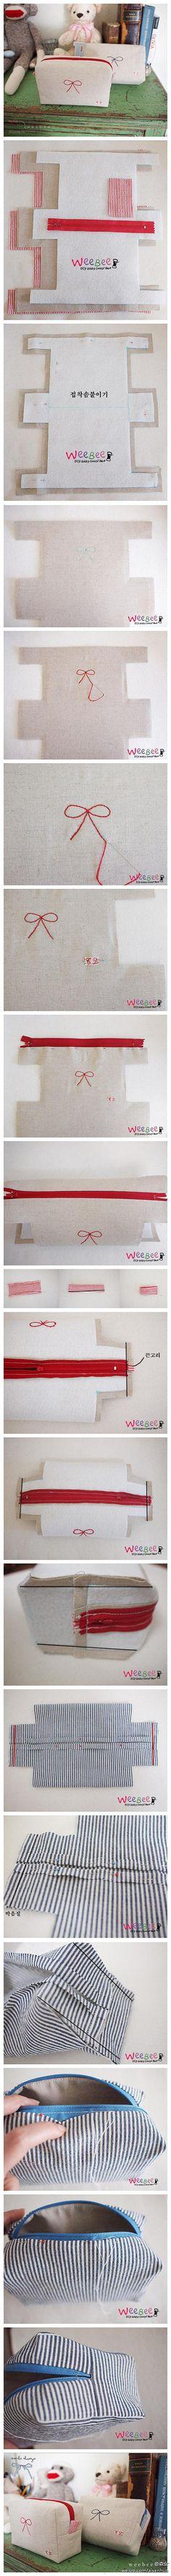 DIY cosmetic bag - Japanese